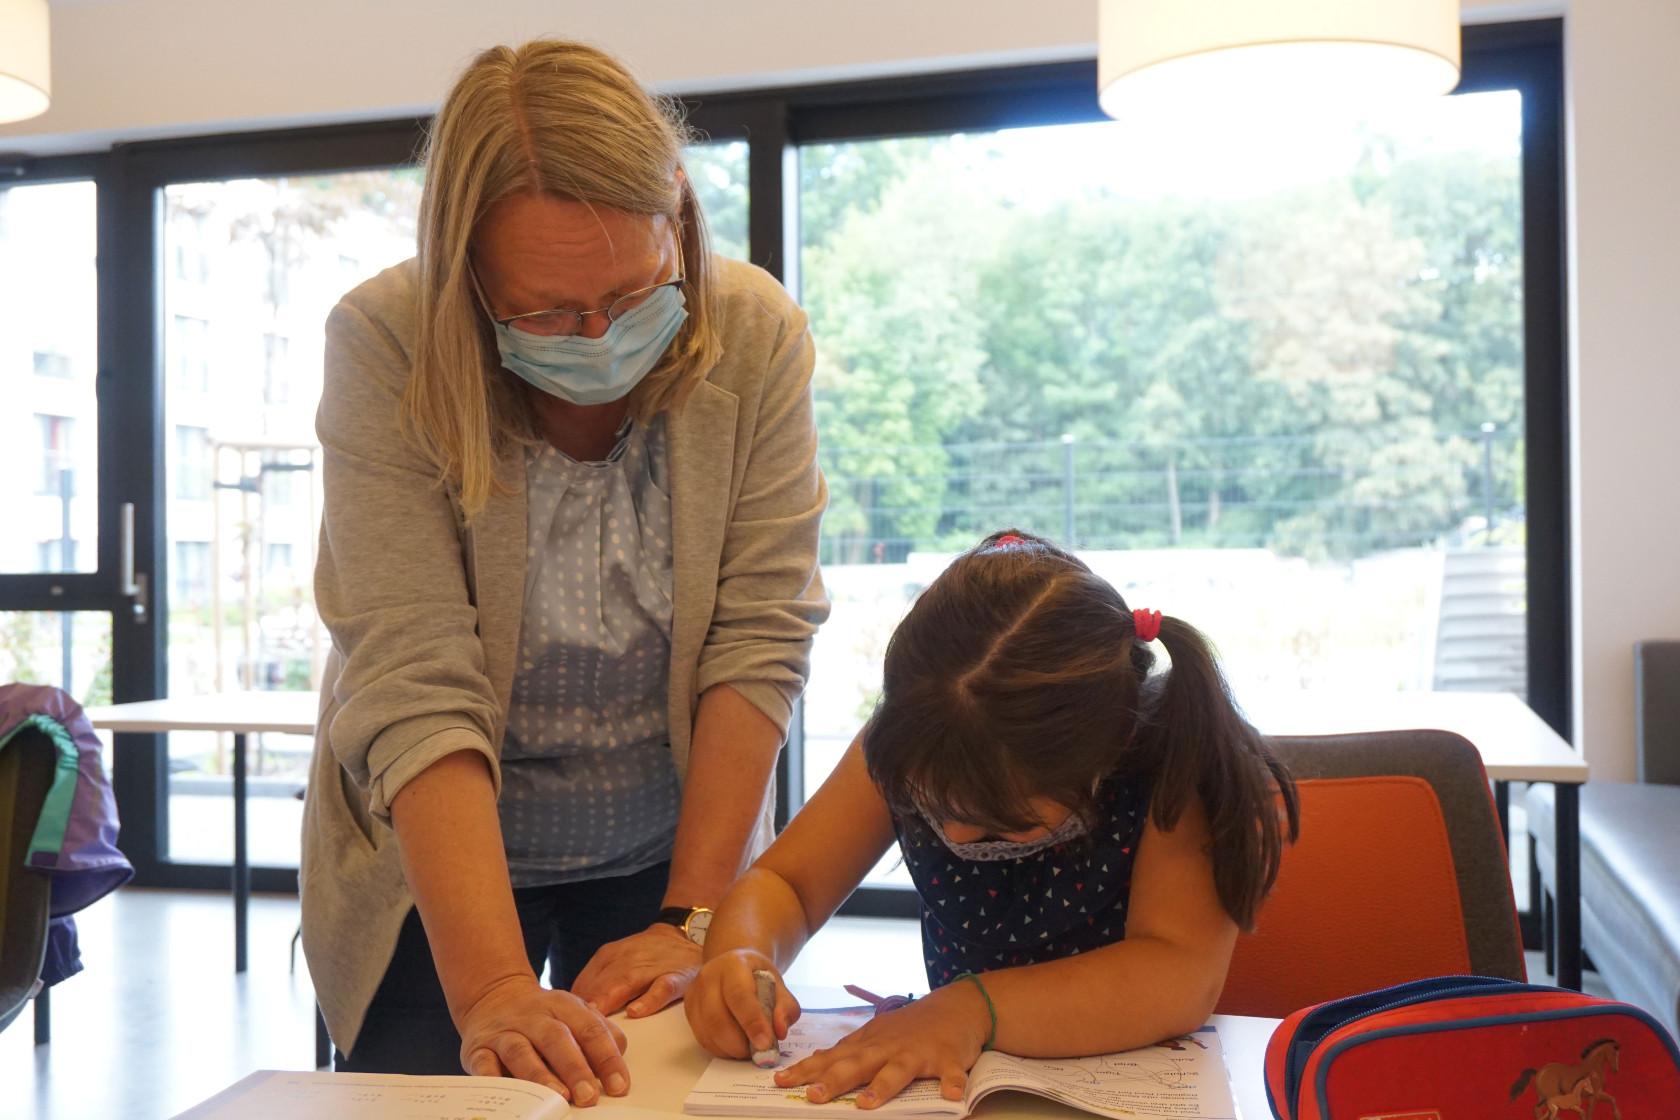 Hausaufgabenbetreuung der Johanniter im Mehrgenerationenhaus in Bad Oeynhausen.